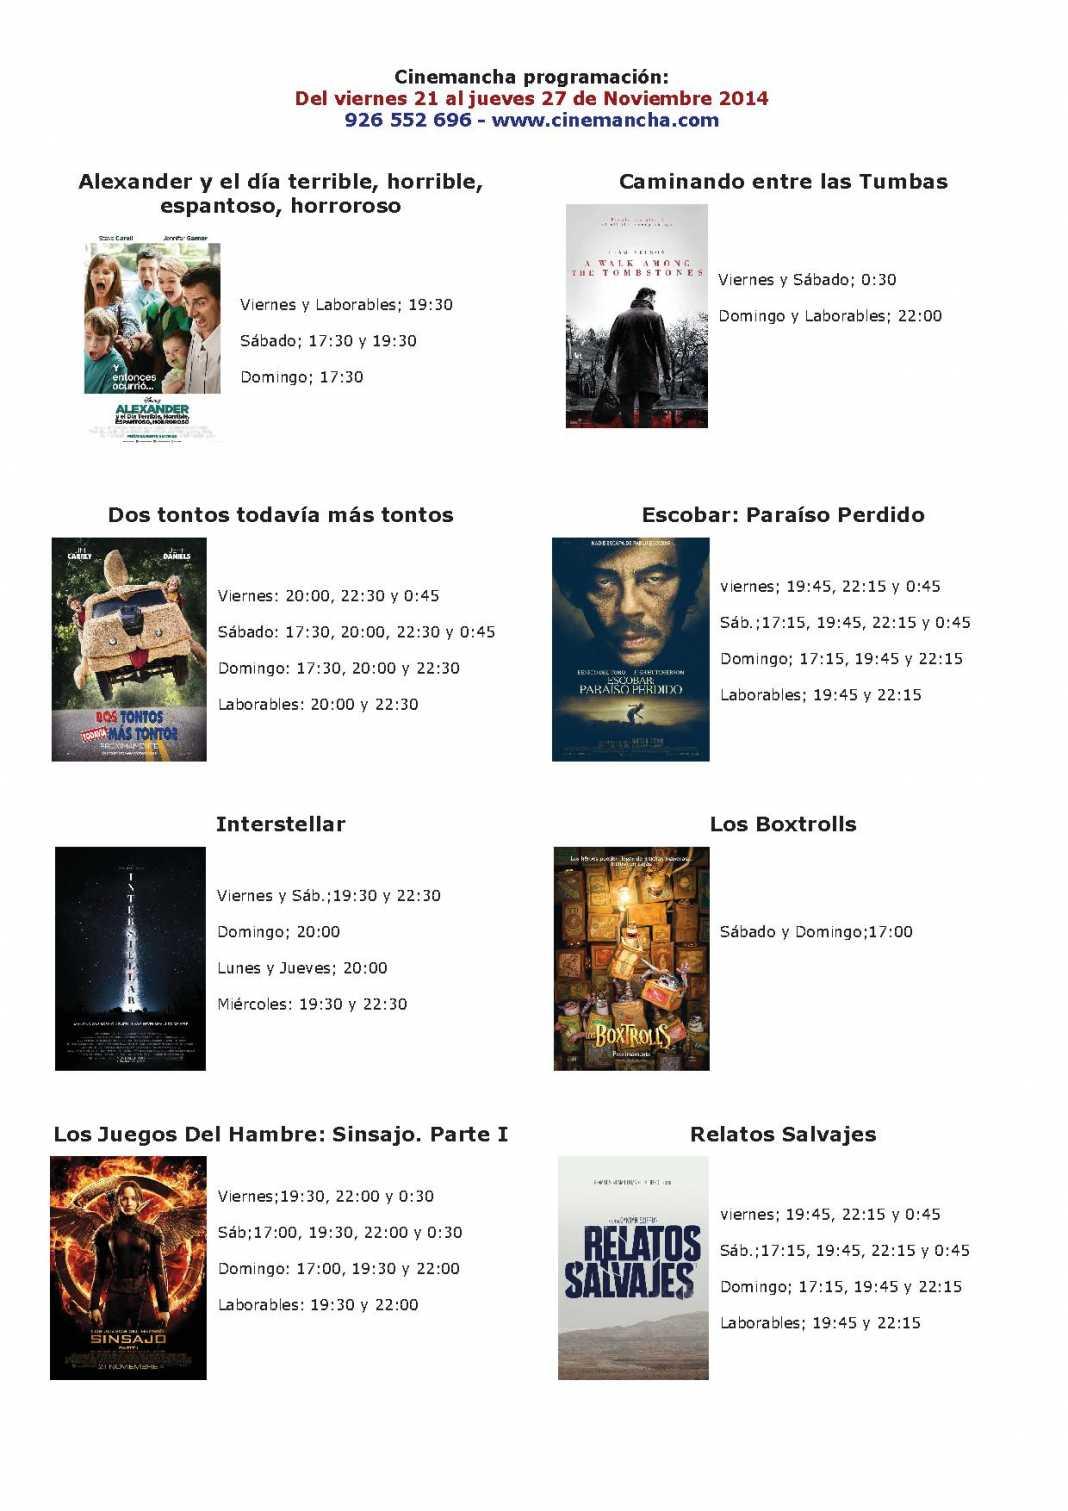 cartelera de cinemancha del 21 al 27 de noviembre 1068x1511 - Cartelera Cinemancha del 21 al 27 de noviembre